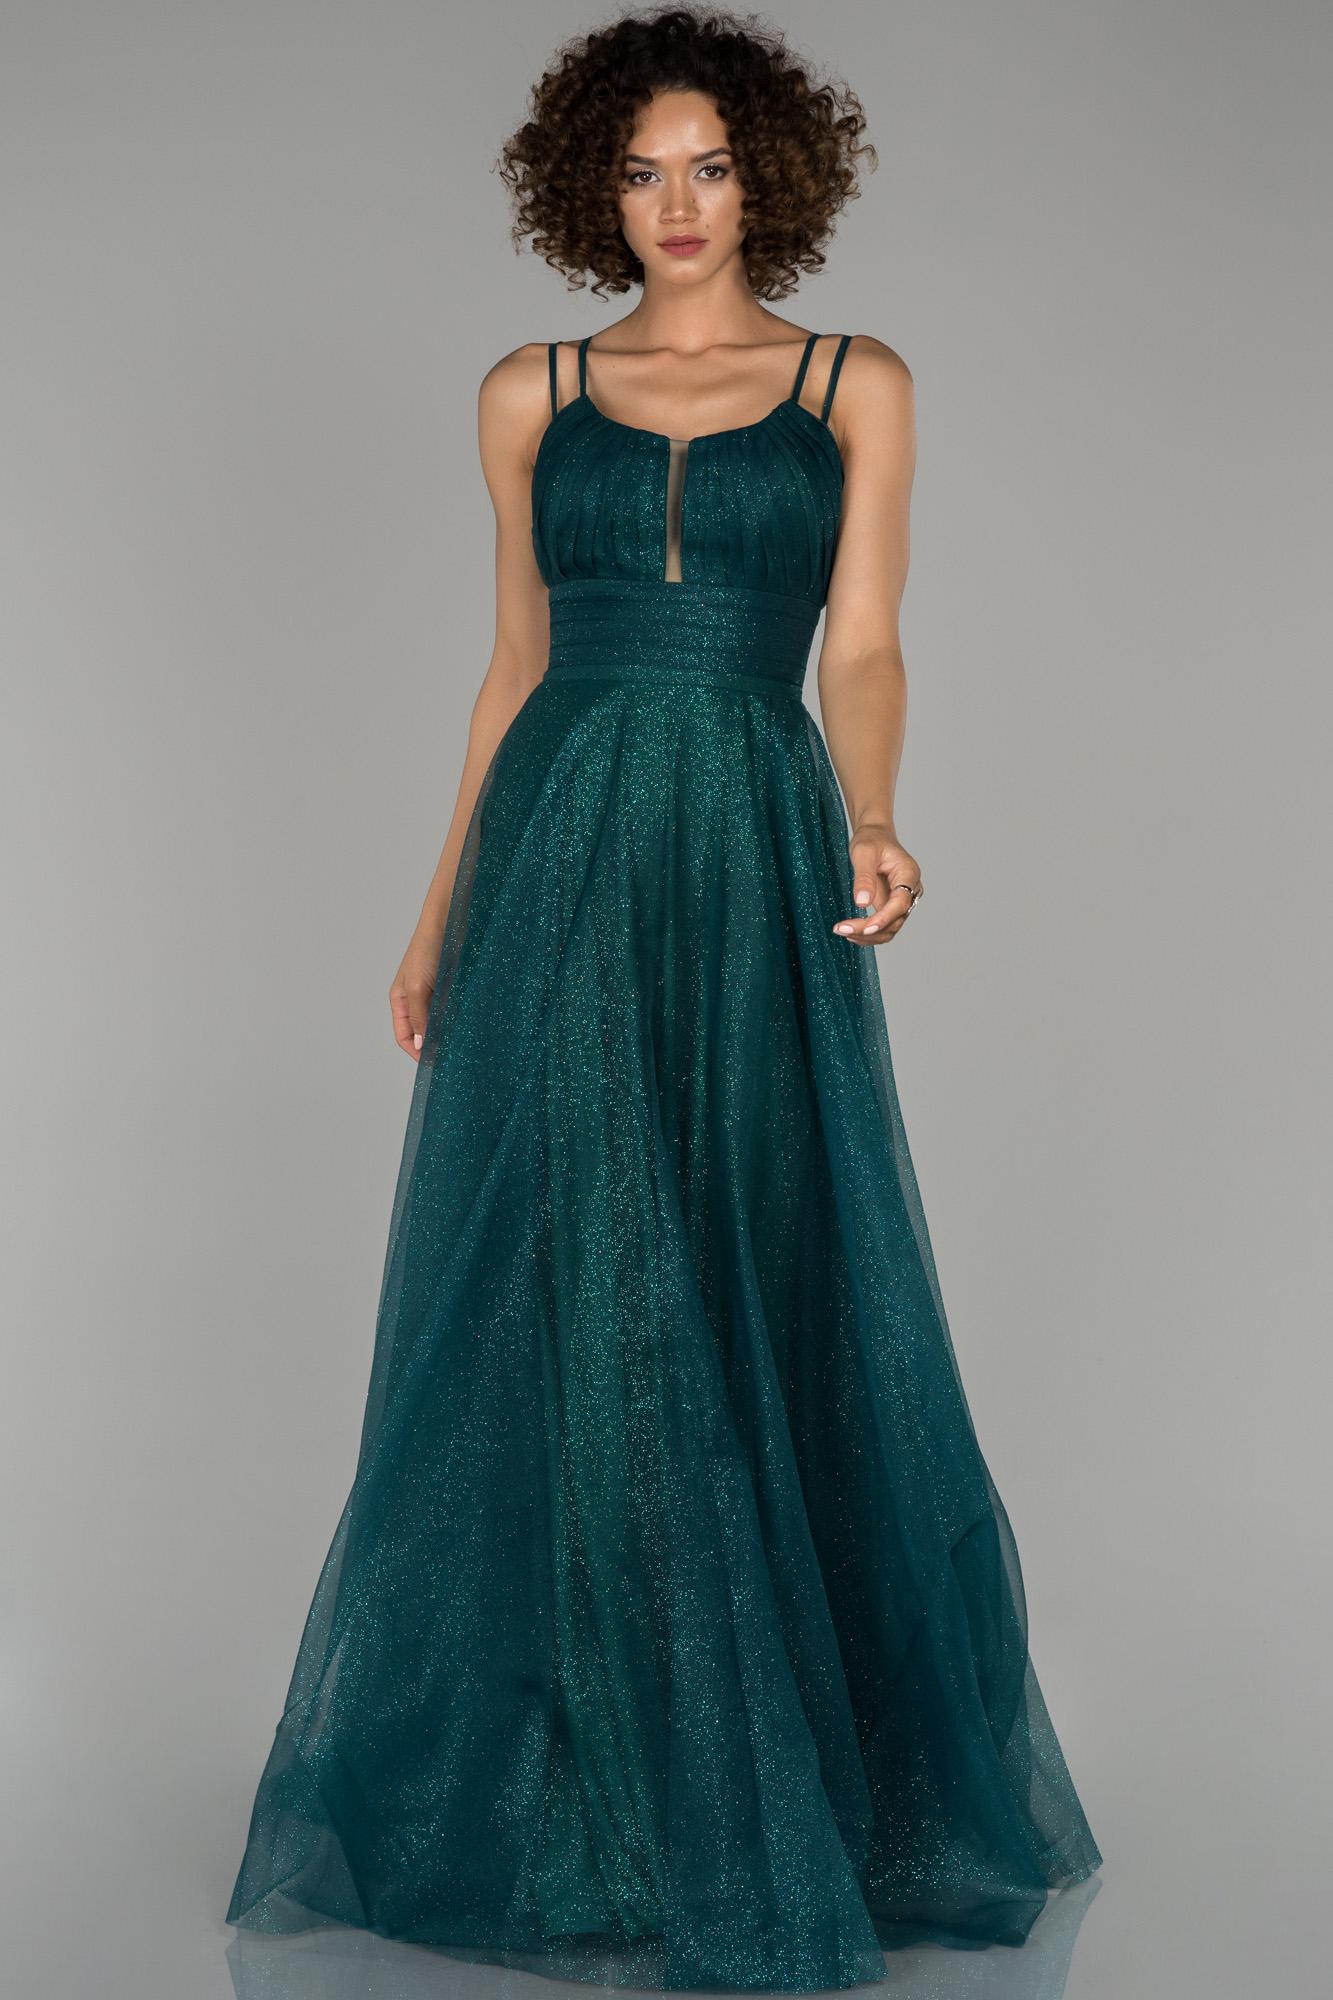 Zümrüt Yeşili Sim Detaylı Prenses Abiye Elbise